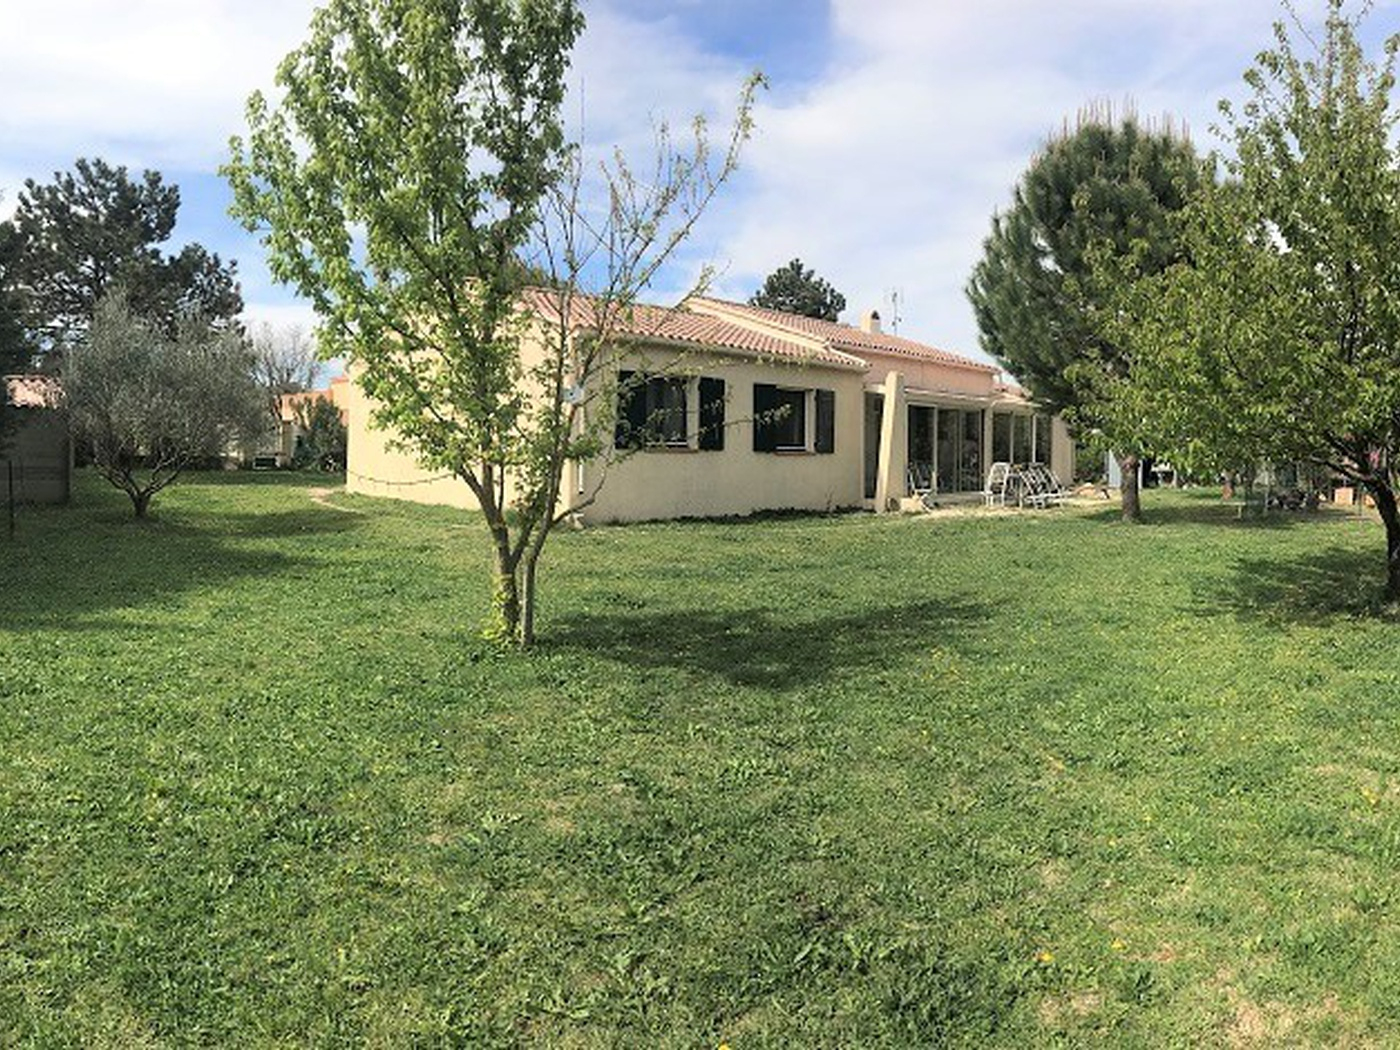 Achat Maison 110 M2 Saint-Paul-Trois-Châteaux (26130), 5 Pièces destiné Piscine Saint Paul Trois Chateaux